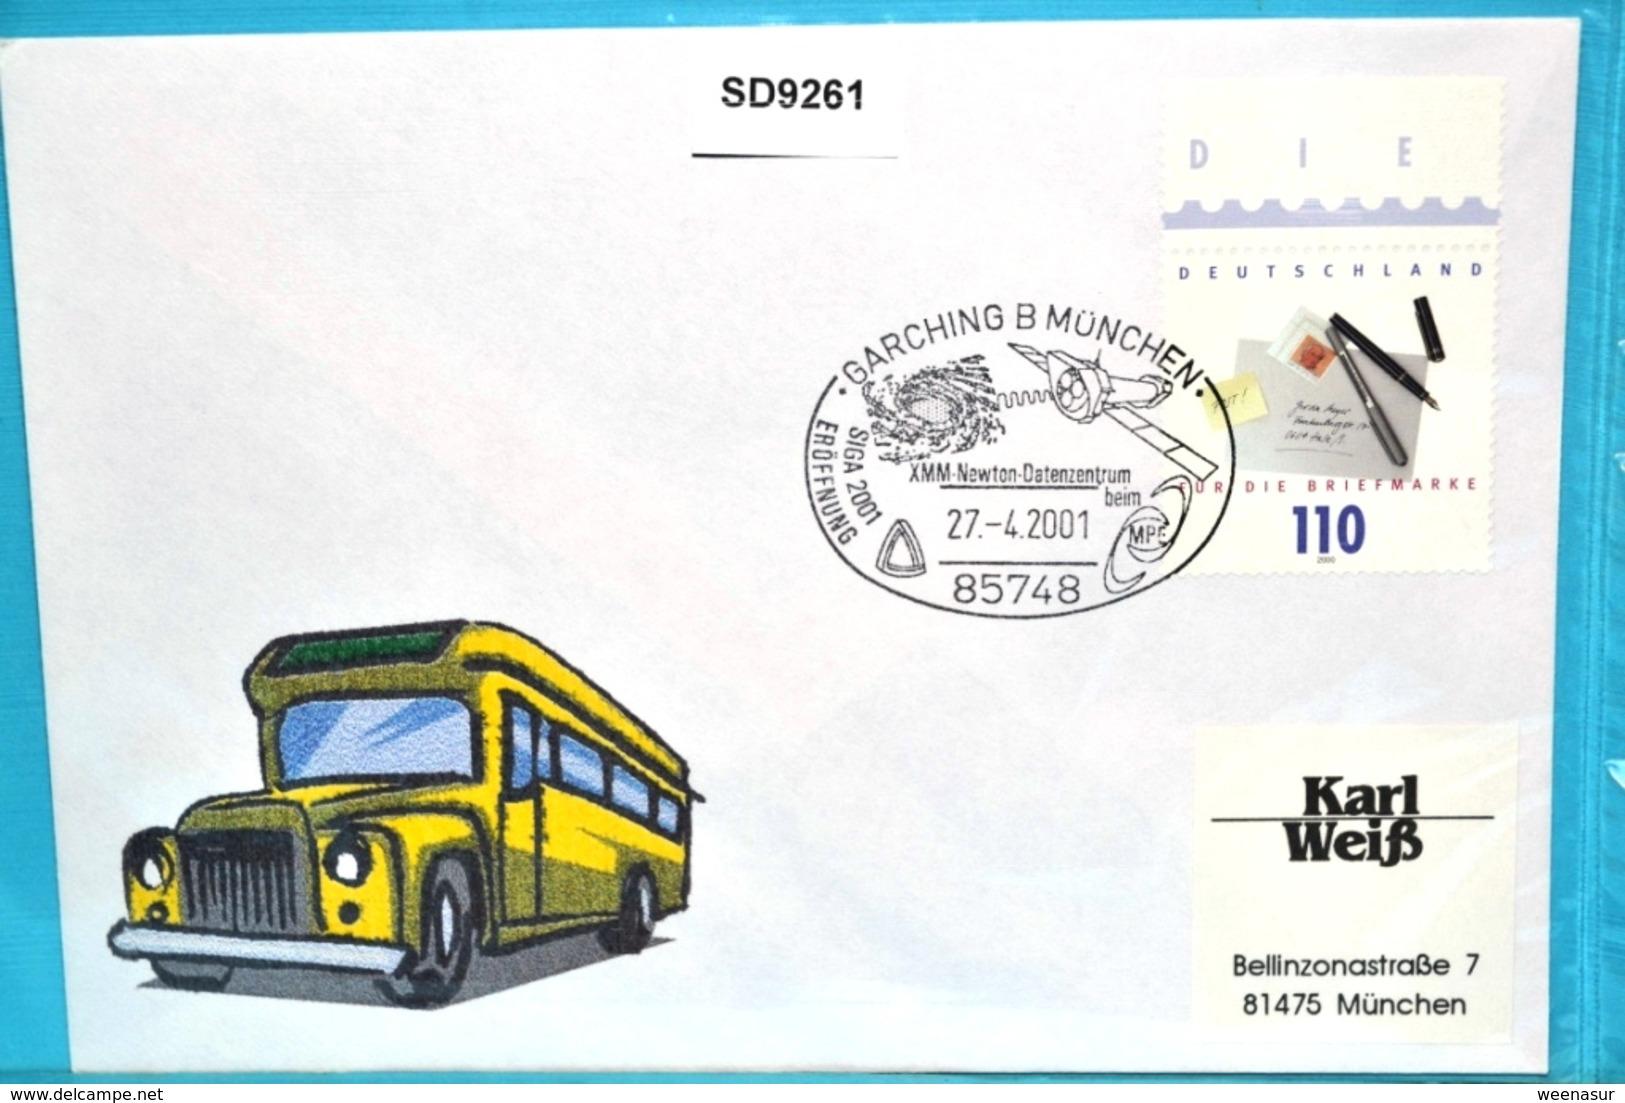 SD9261 SIGA 2000 Eröffnung, XMM Newton-Datenzentrum Beim MPE, Garching 27.4.2001 - Machine Stamps (ATM)